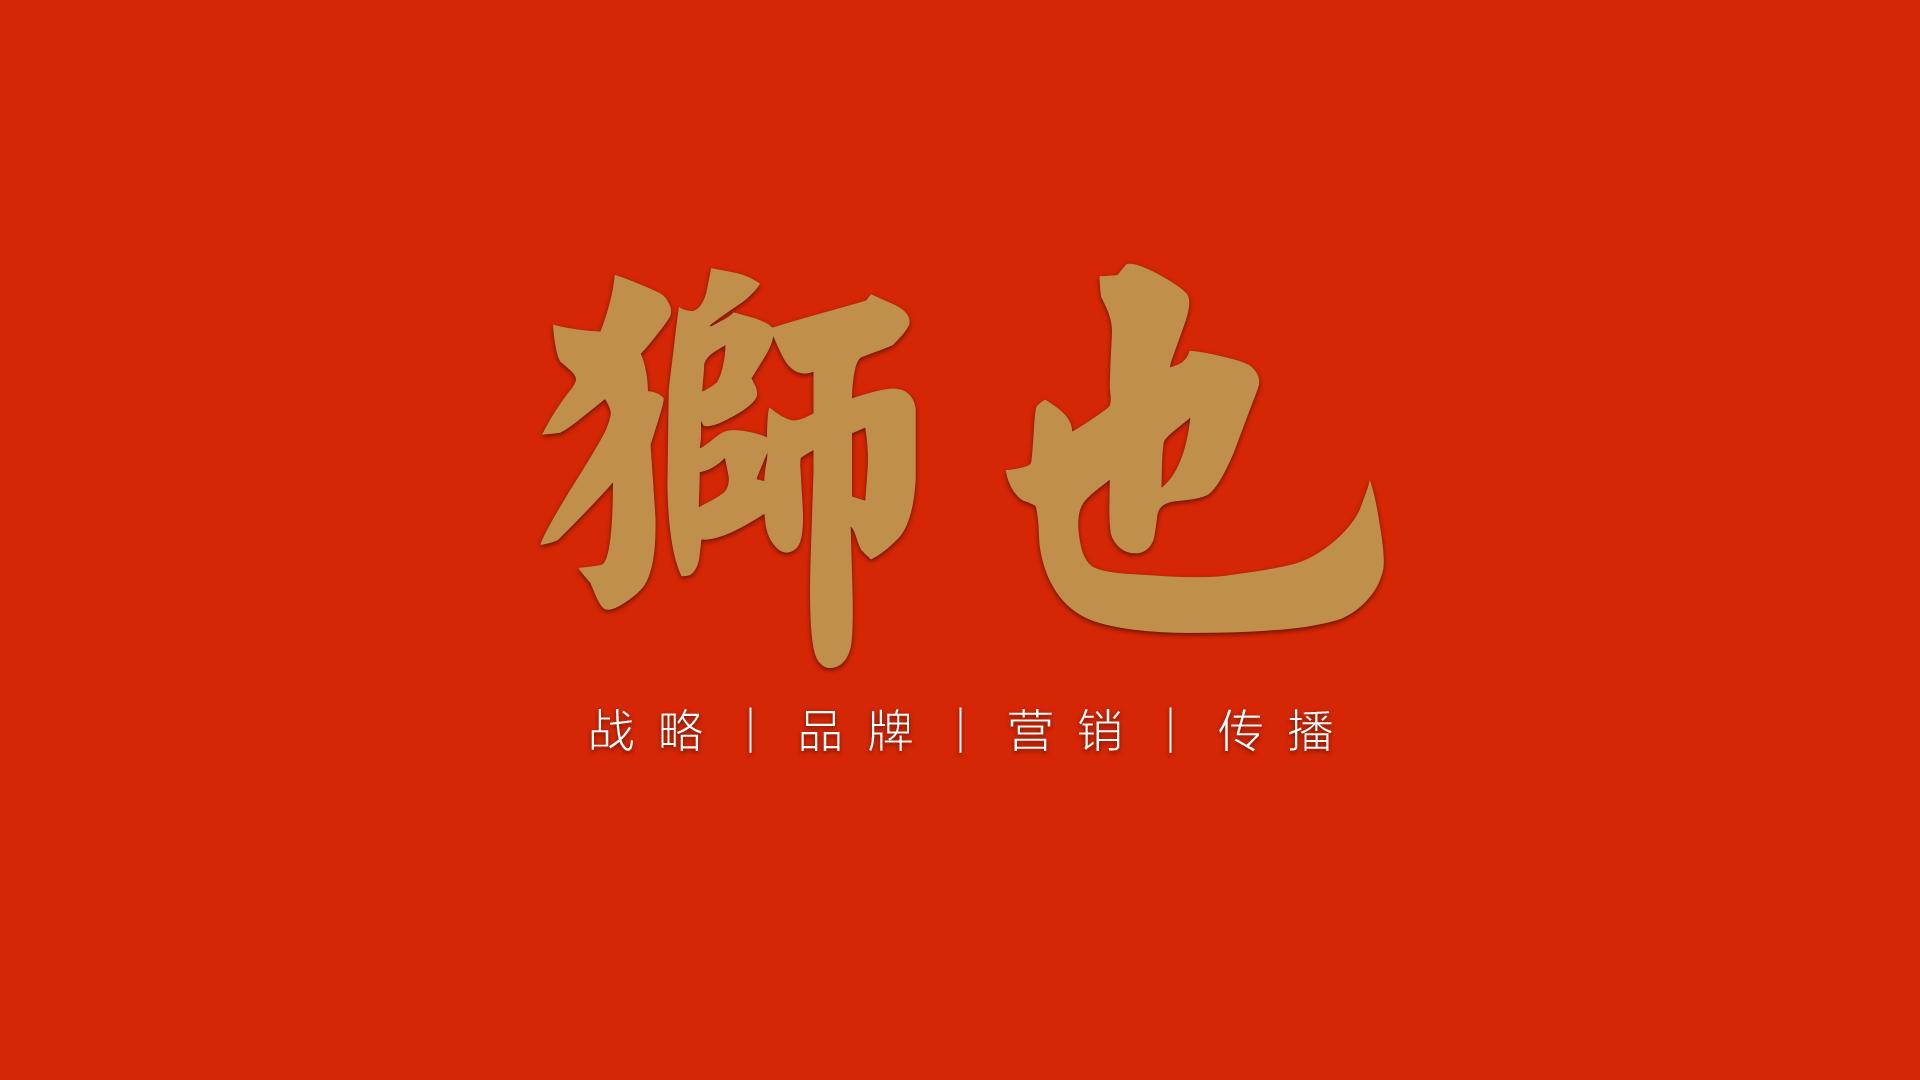 酒店和超市 中秋节营销、促销方案范文—山东济南狮也战略品牌营销策划咨询顾问公司